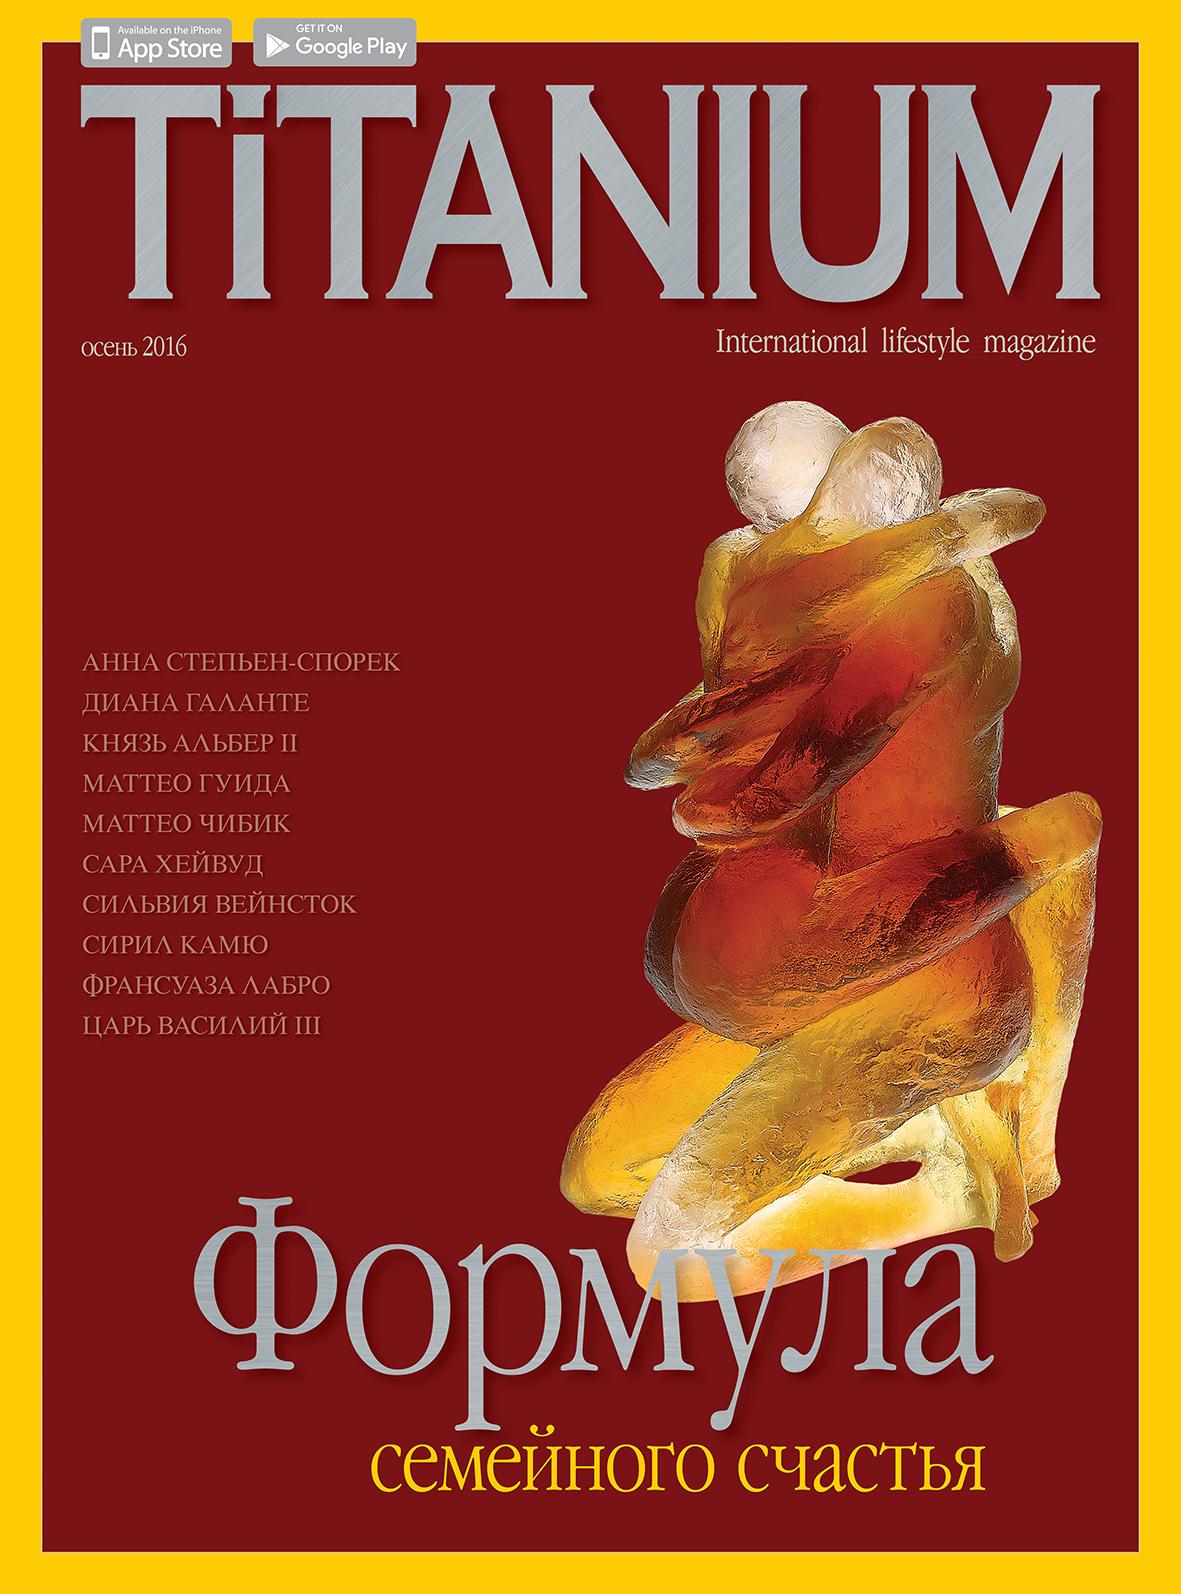 Titanium_cover_371